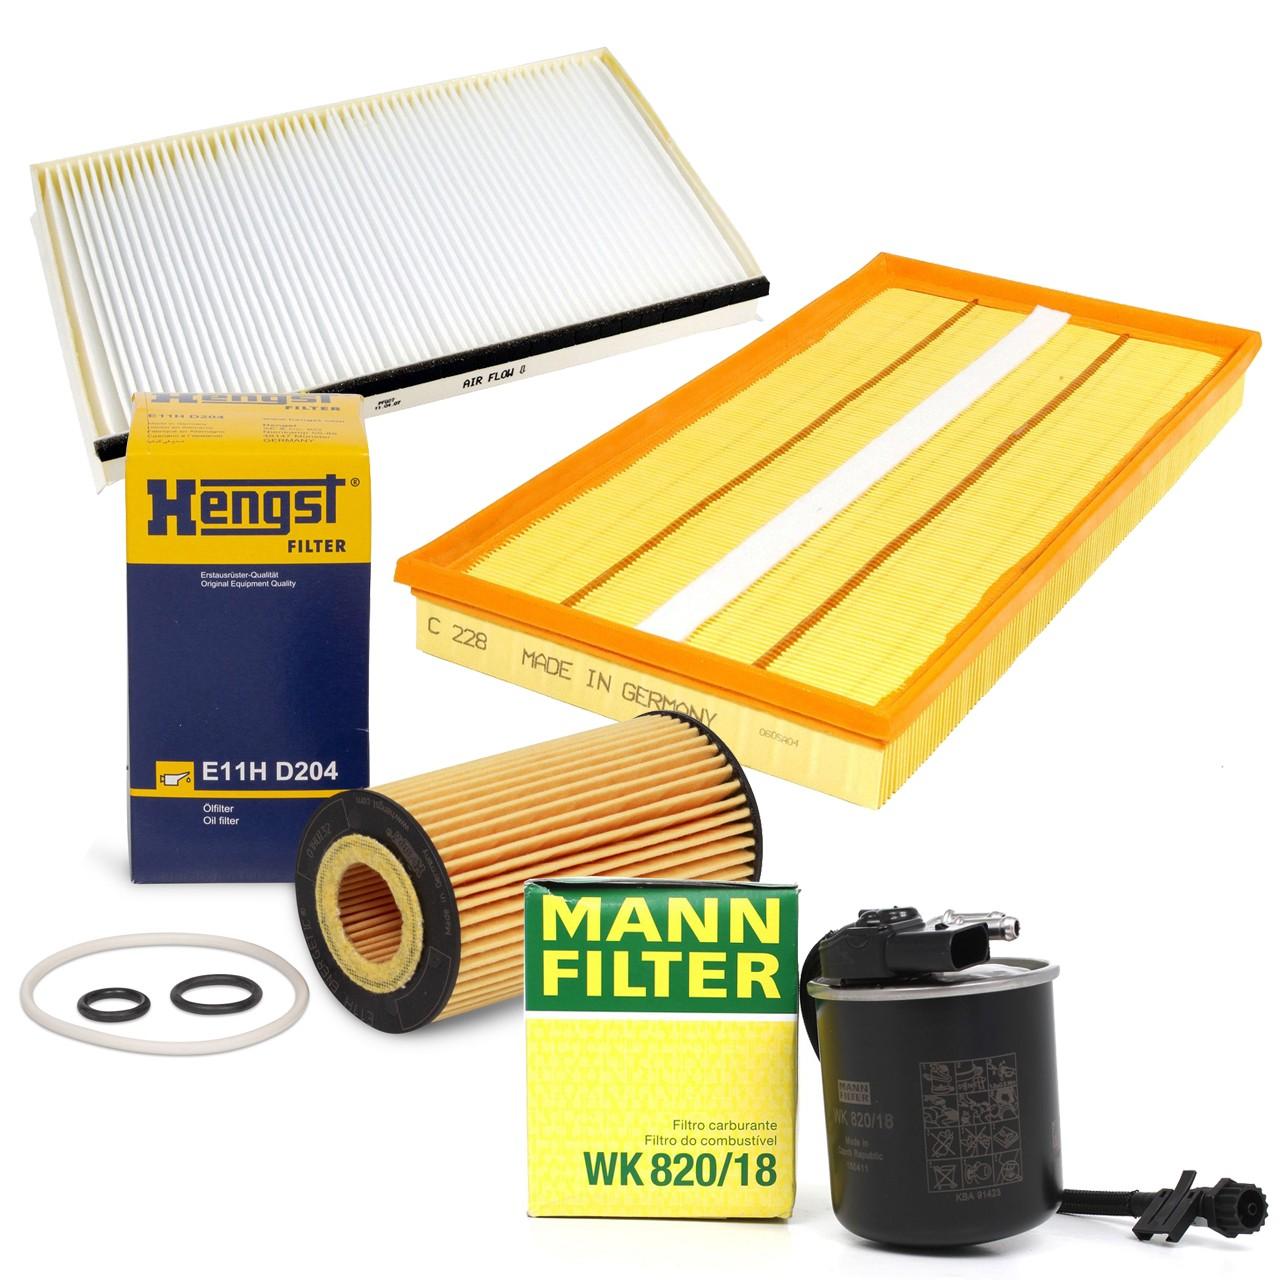 Filterset 4-tlg MERCEDES Viano CDI 2.0 CDI 2.2 Vito / Mixto 110/113/116CDI W639 OM651